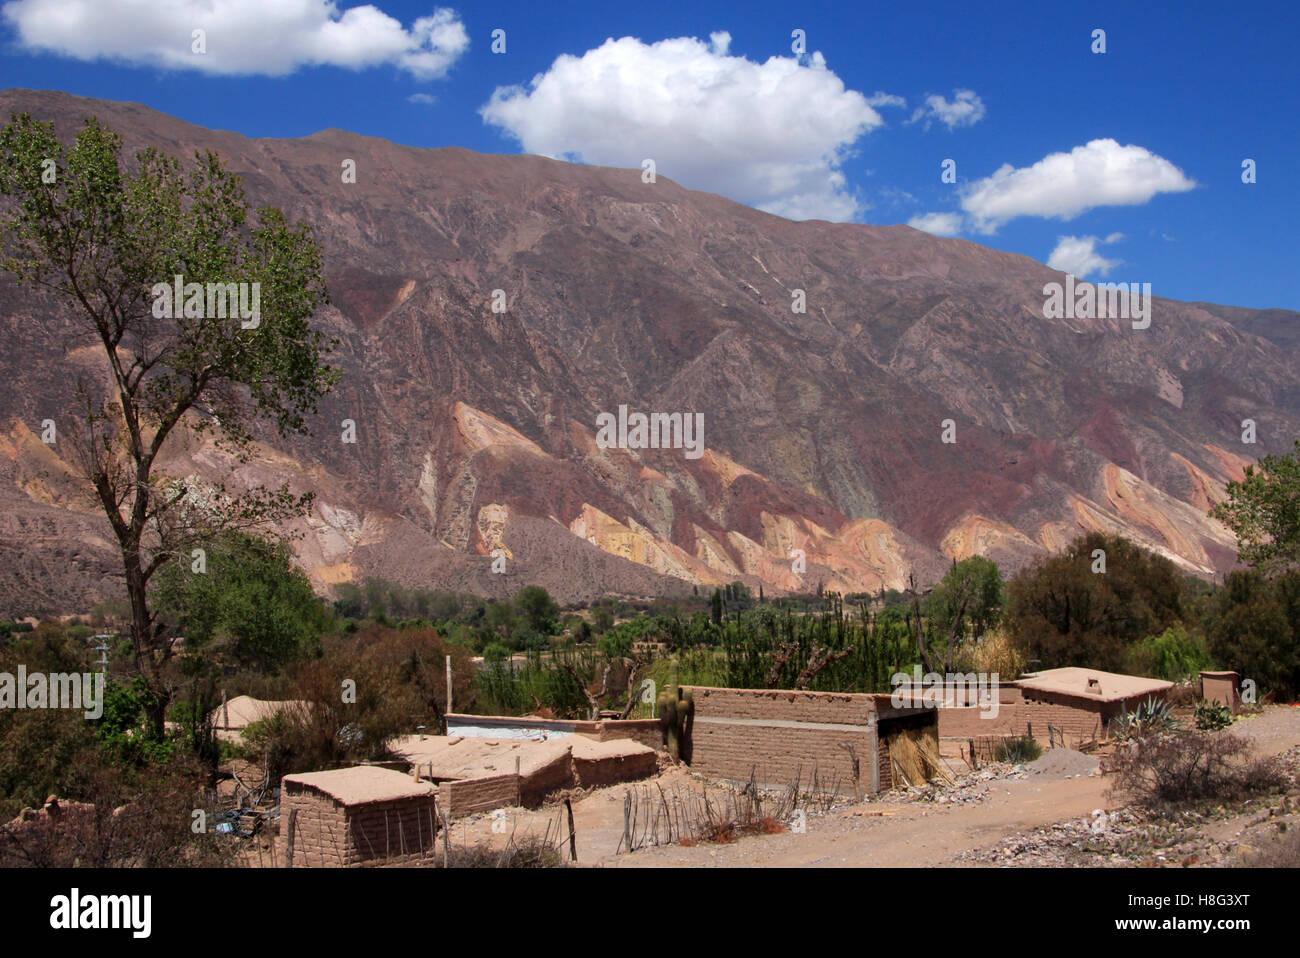 La vallée de Humahuaca, Jujuy, Argentine, près de la colline de quatorze couleurs Photo Stock